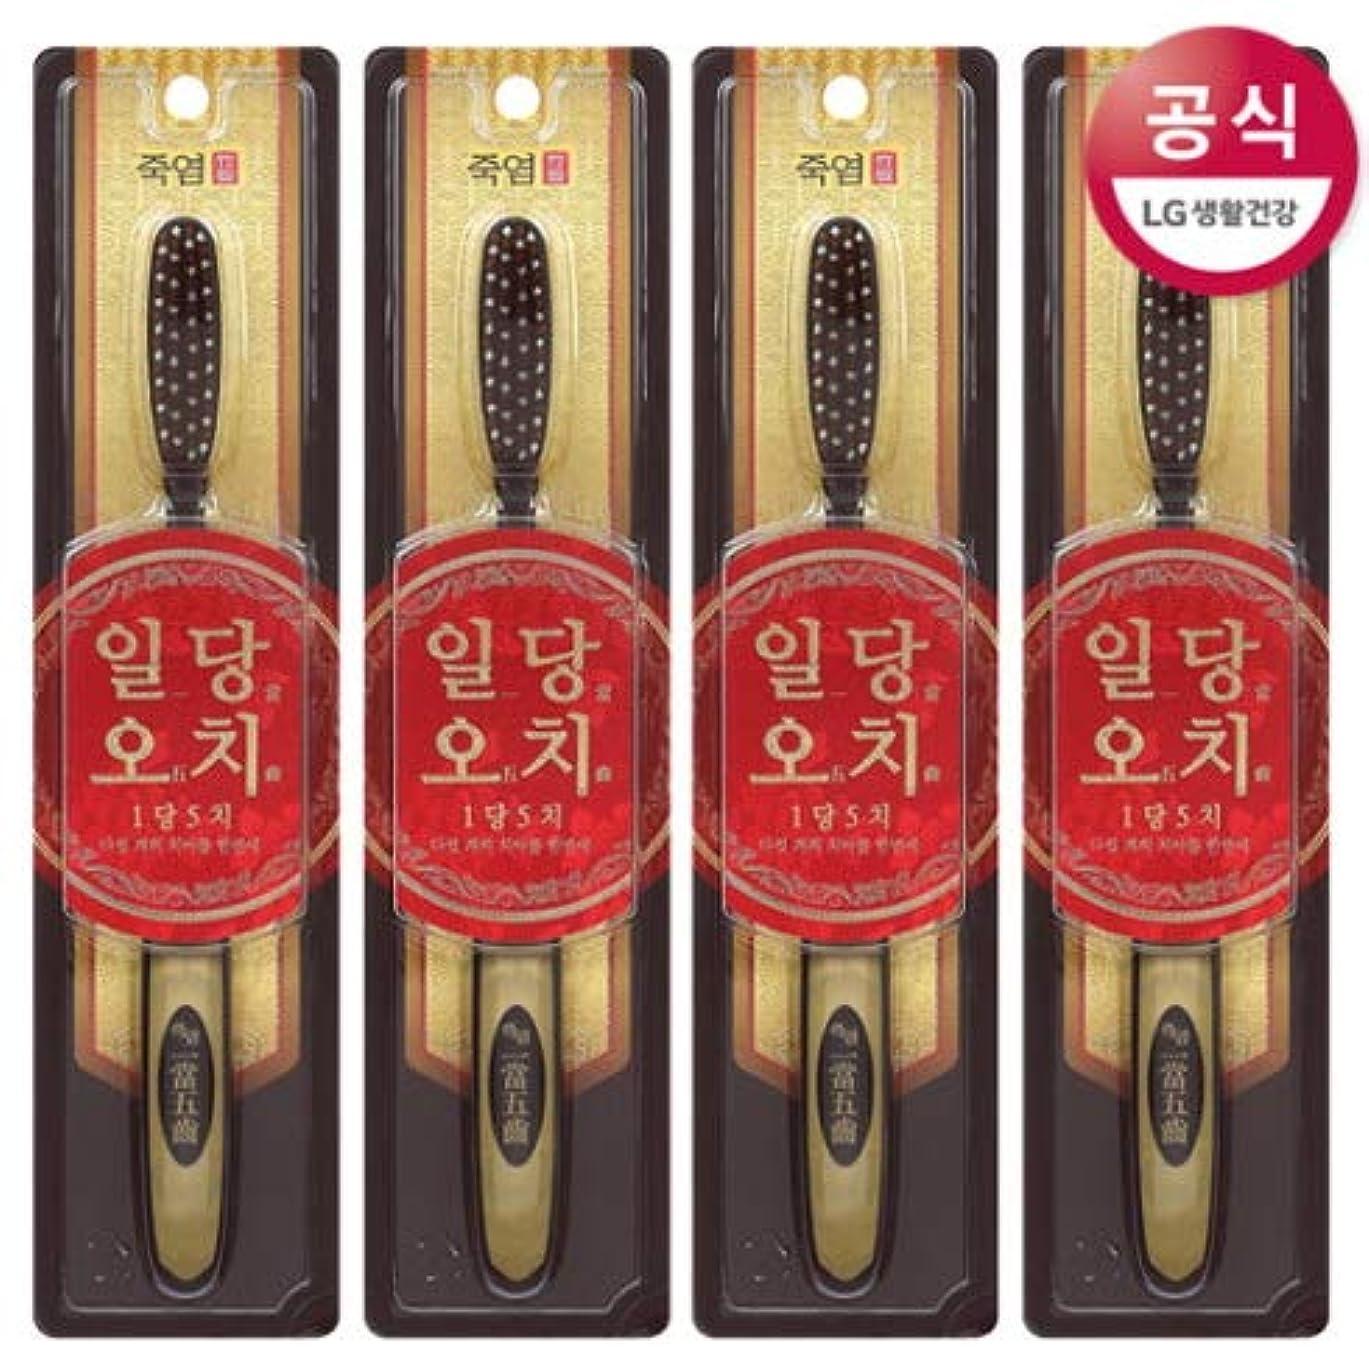 告白インタビュー属性[LG HnB] Bamboo Salt Oodi toothbrush/竹塩日当越智歯ブラシ 5つの(海外直送品)